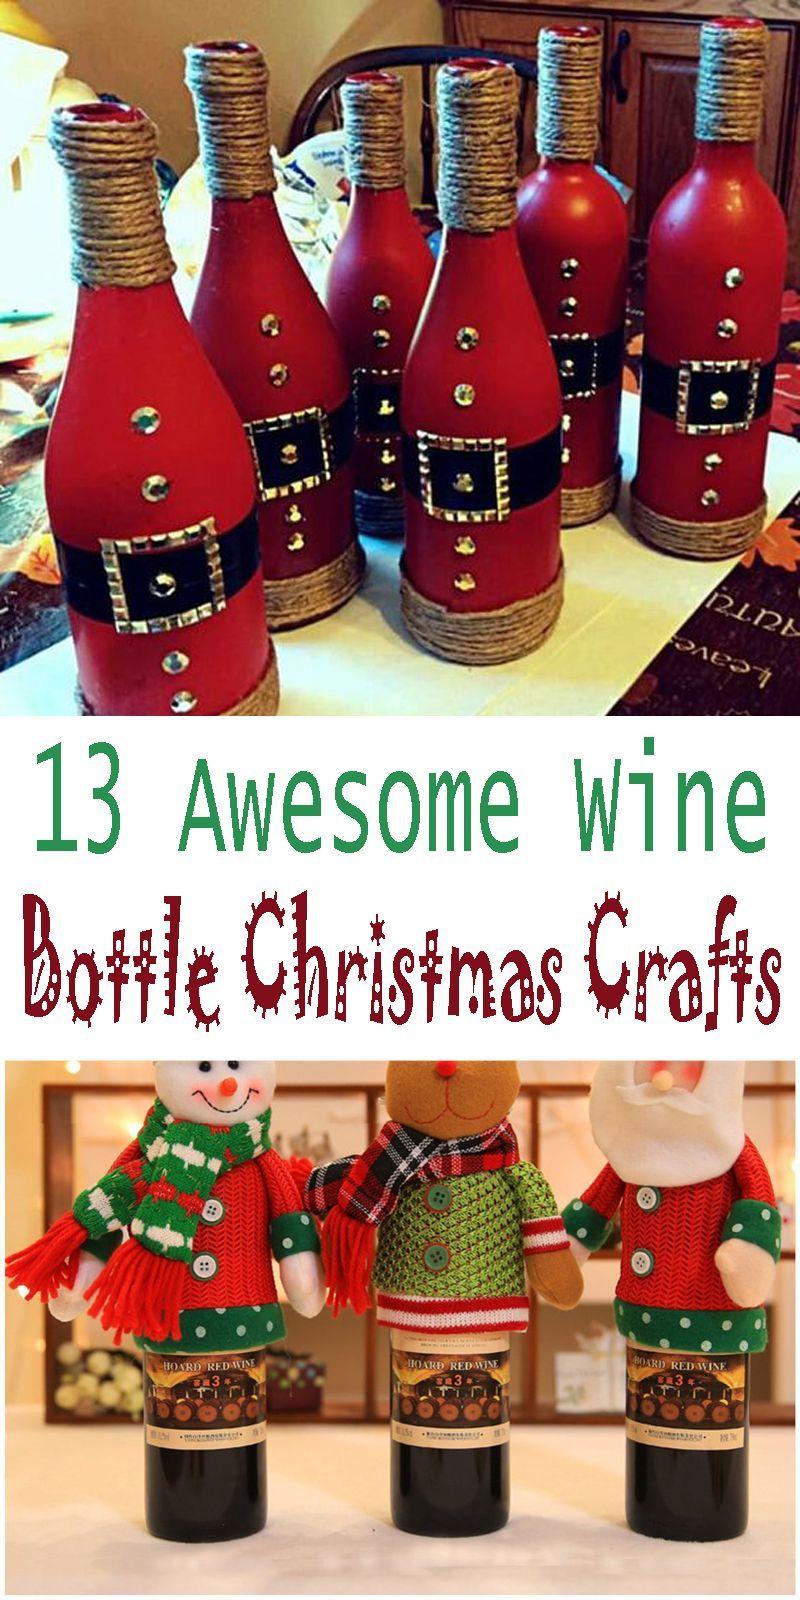 Artisanat Bouteille Genial Noel Vin Le Mois De Noel N 39 Est Plus Si Loi In 2020 Wine Bottle Crafts Christmas Christmas Crafts Decorations Christmas Wine Bottles